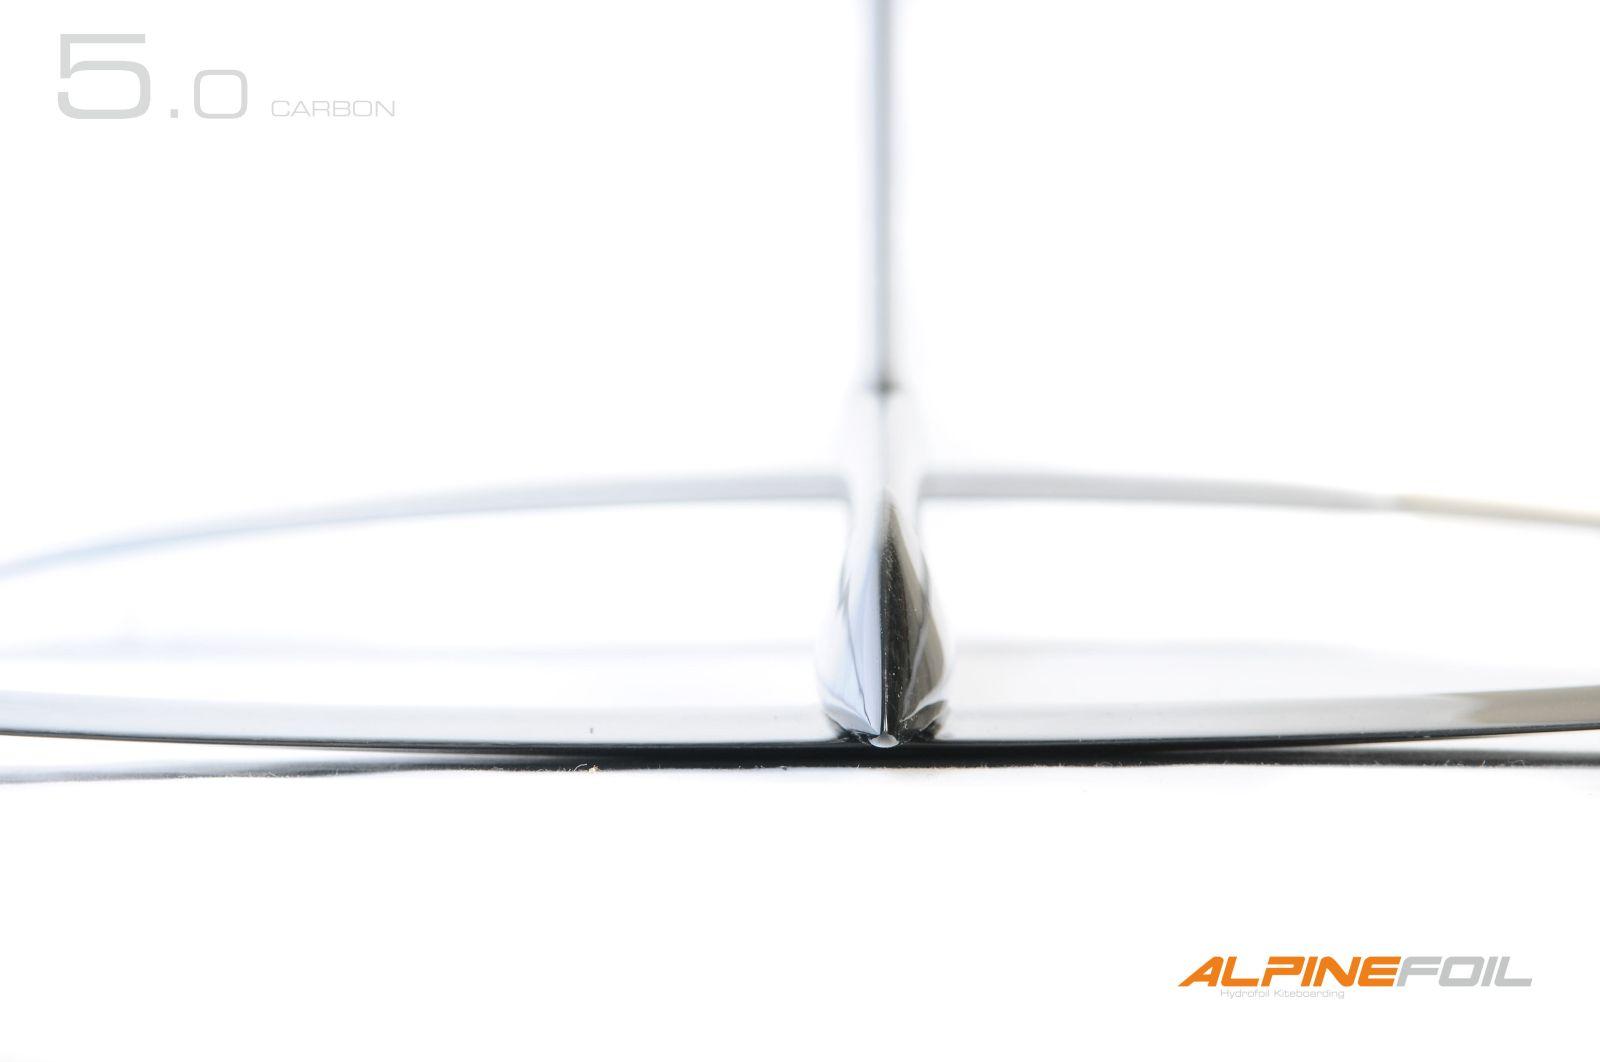 Kitefoil alpinefoil carbon 5 0 v2 1681 1